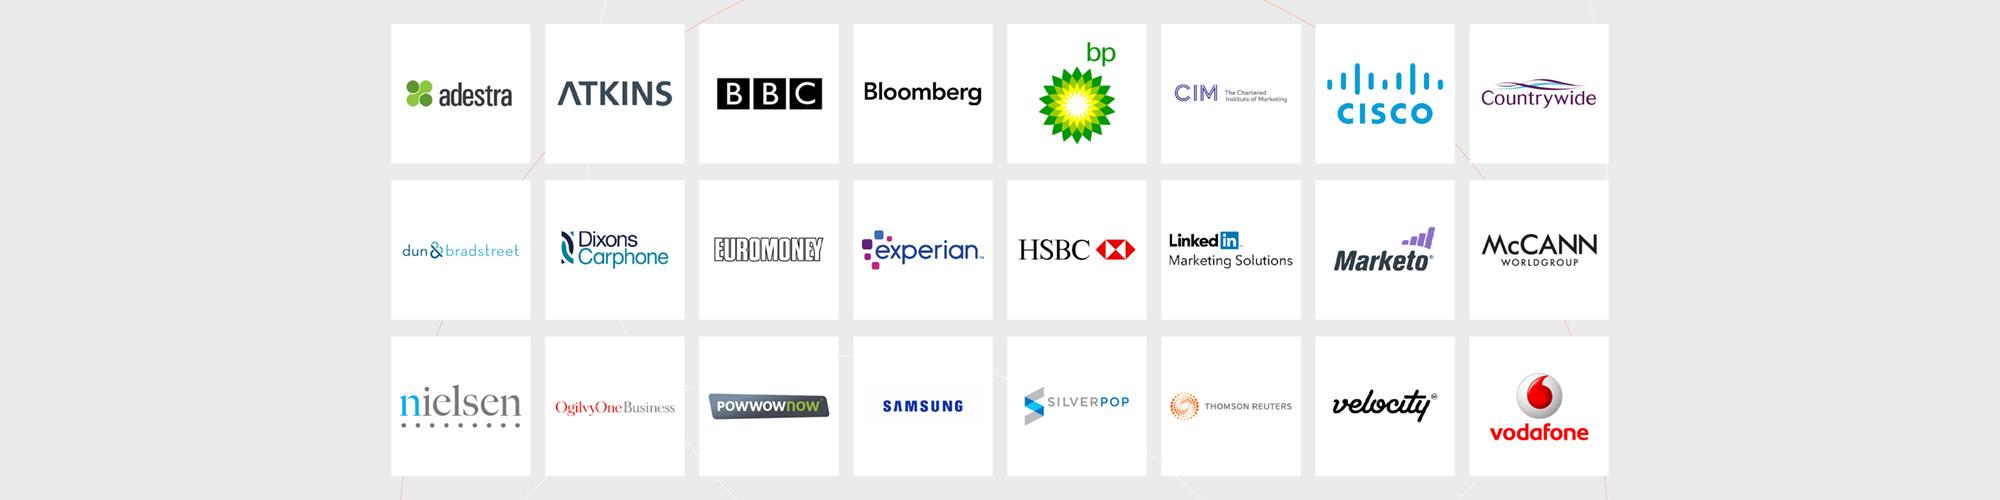 premium members logos